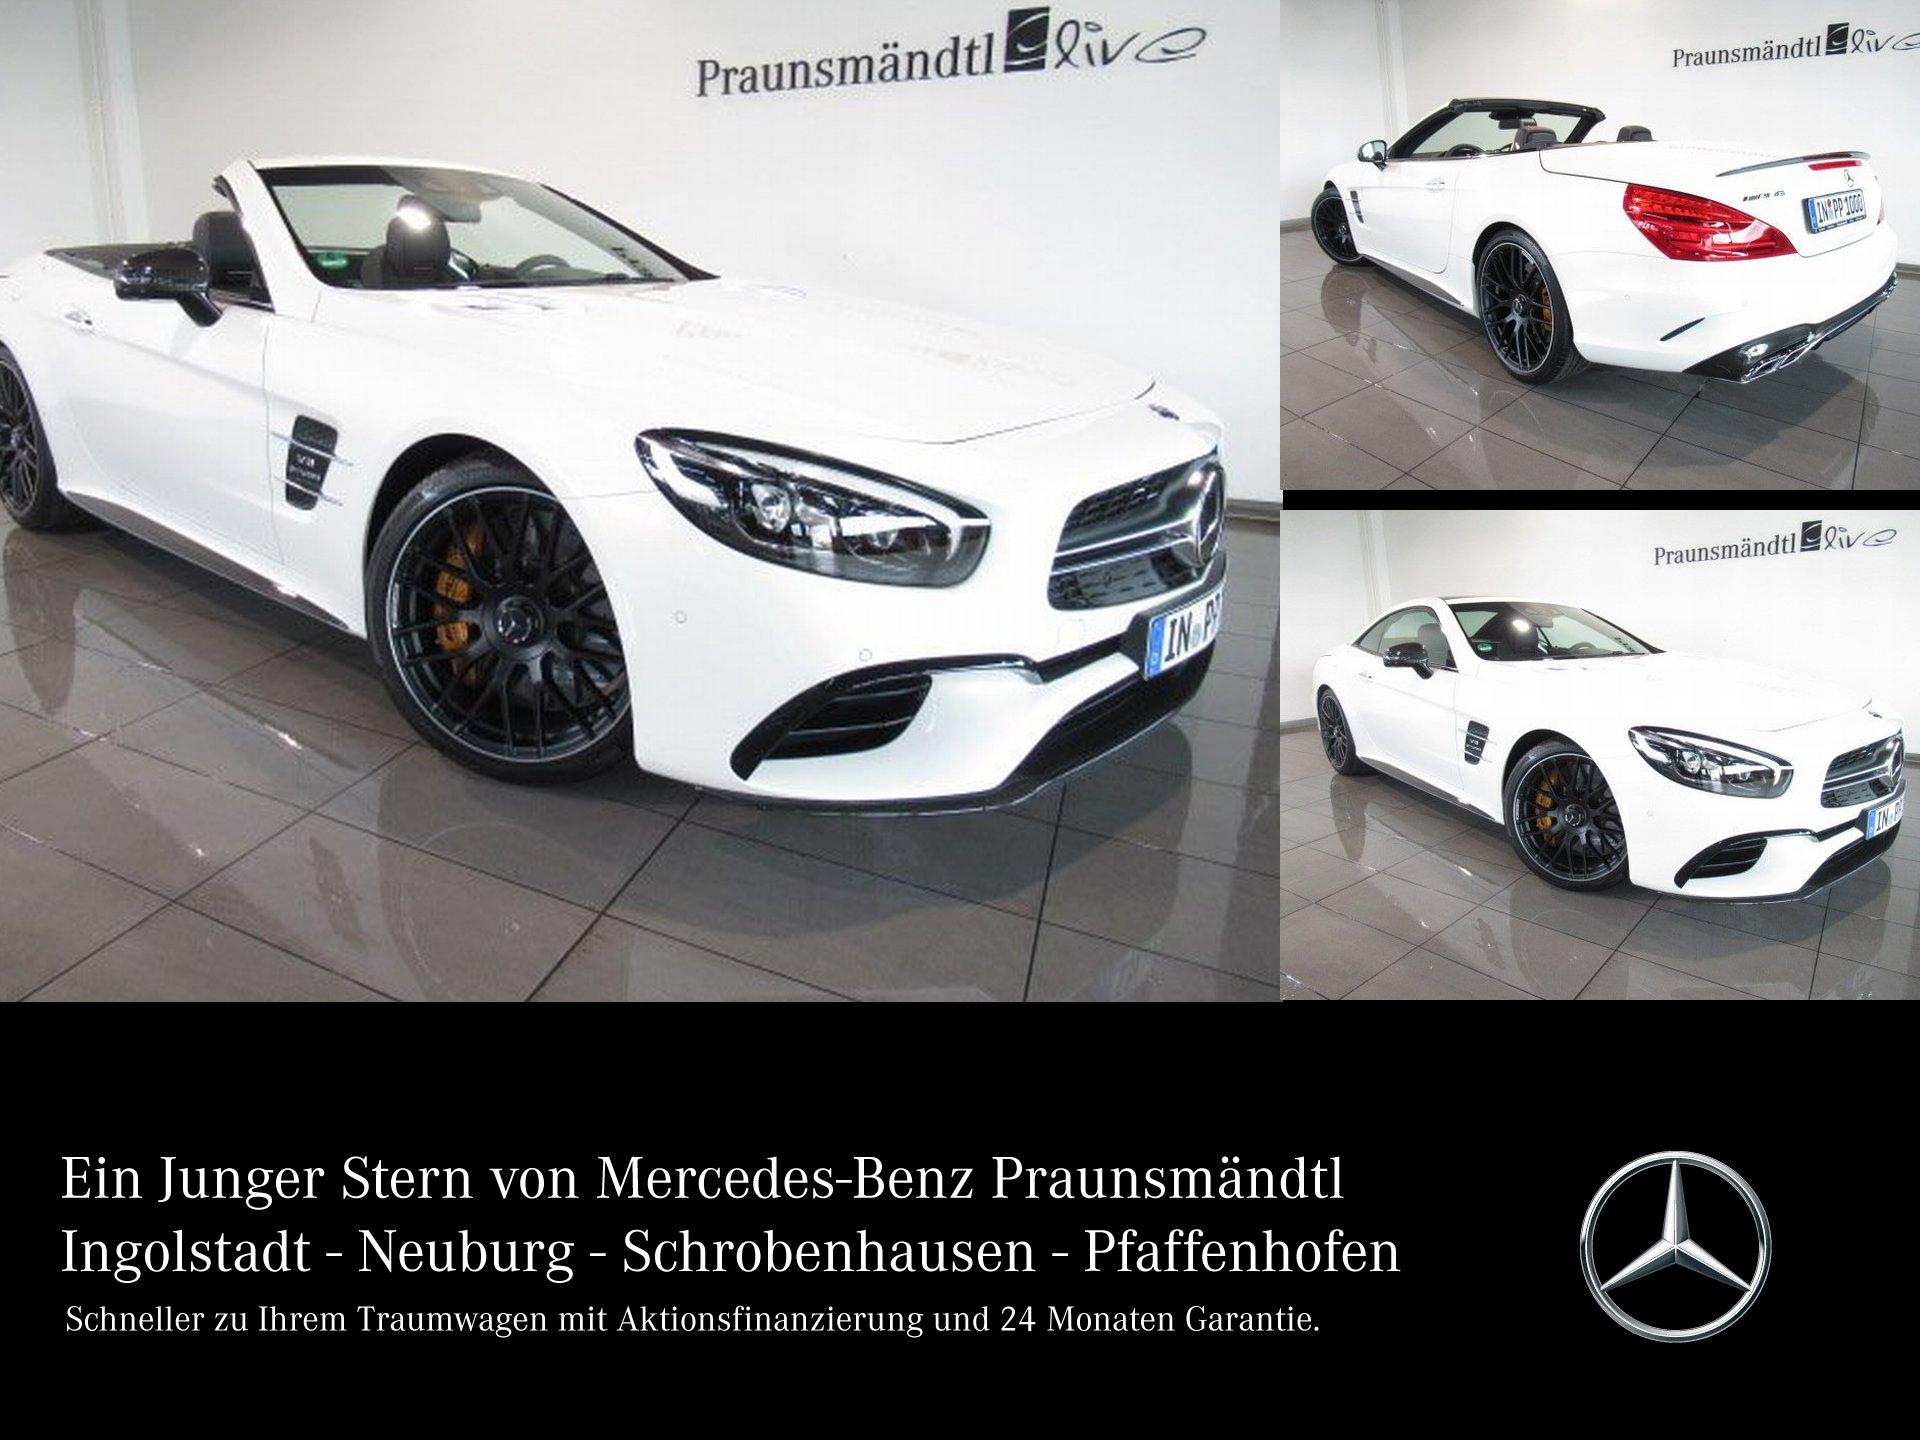 Mercedes-Benz SL 63 AMG -34% Keramik/DISTRONIC/Vmax/B&O/Carbon, Jahr 2018, Benzin